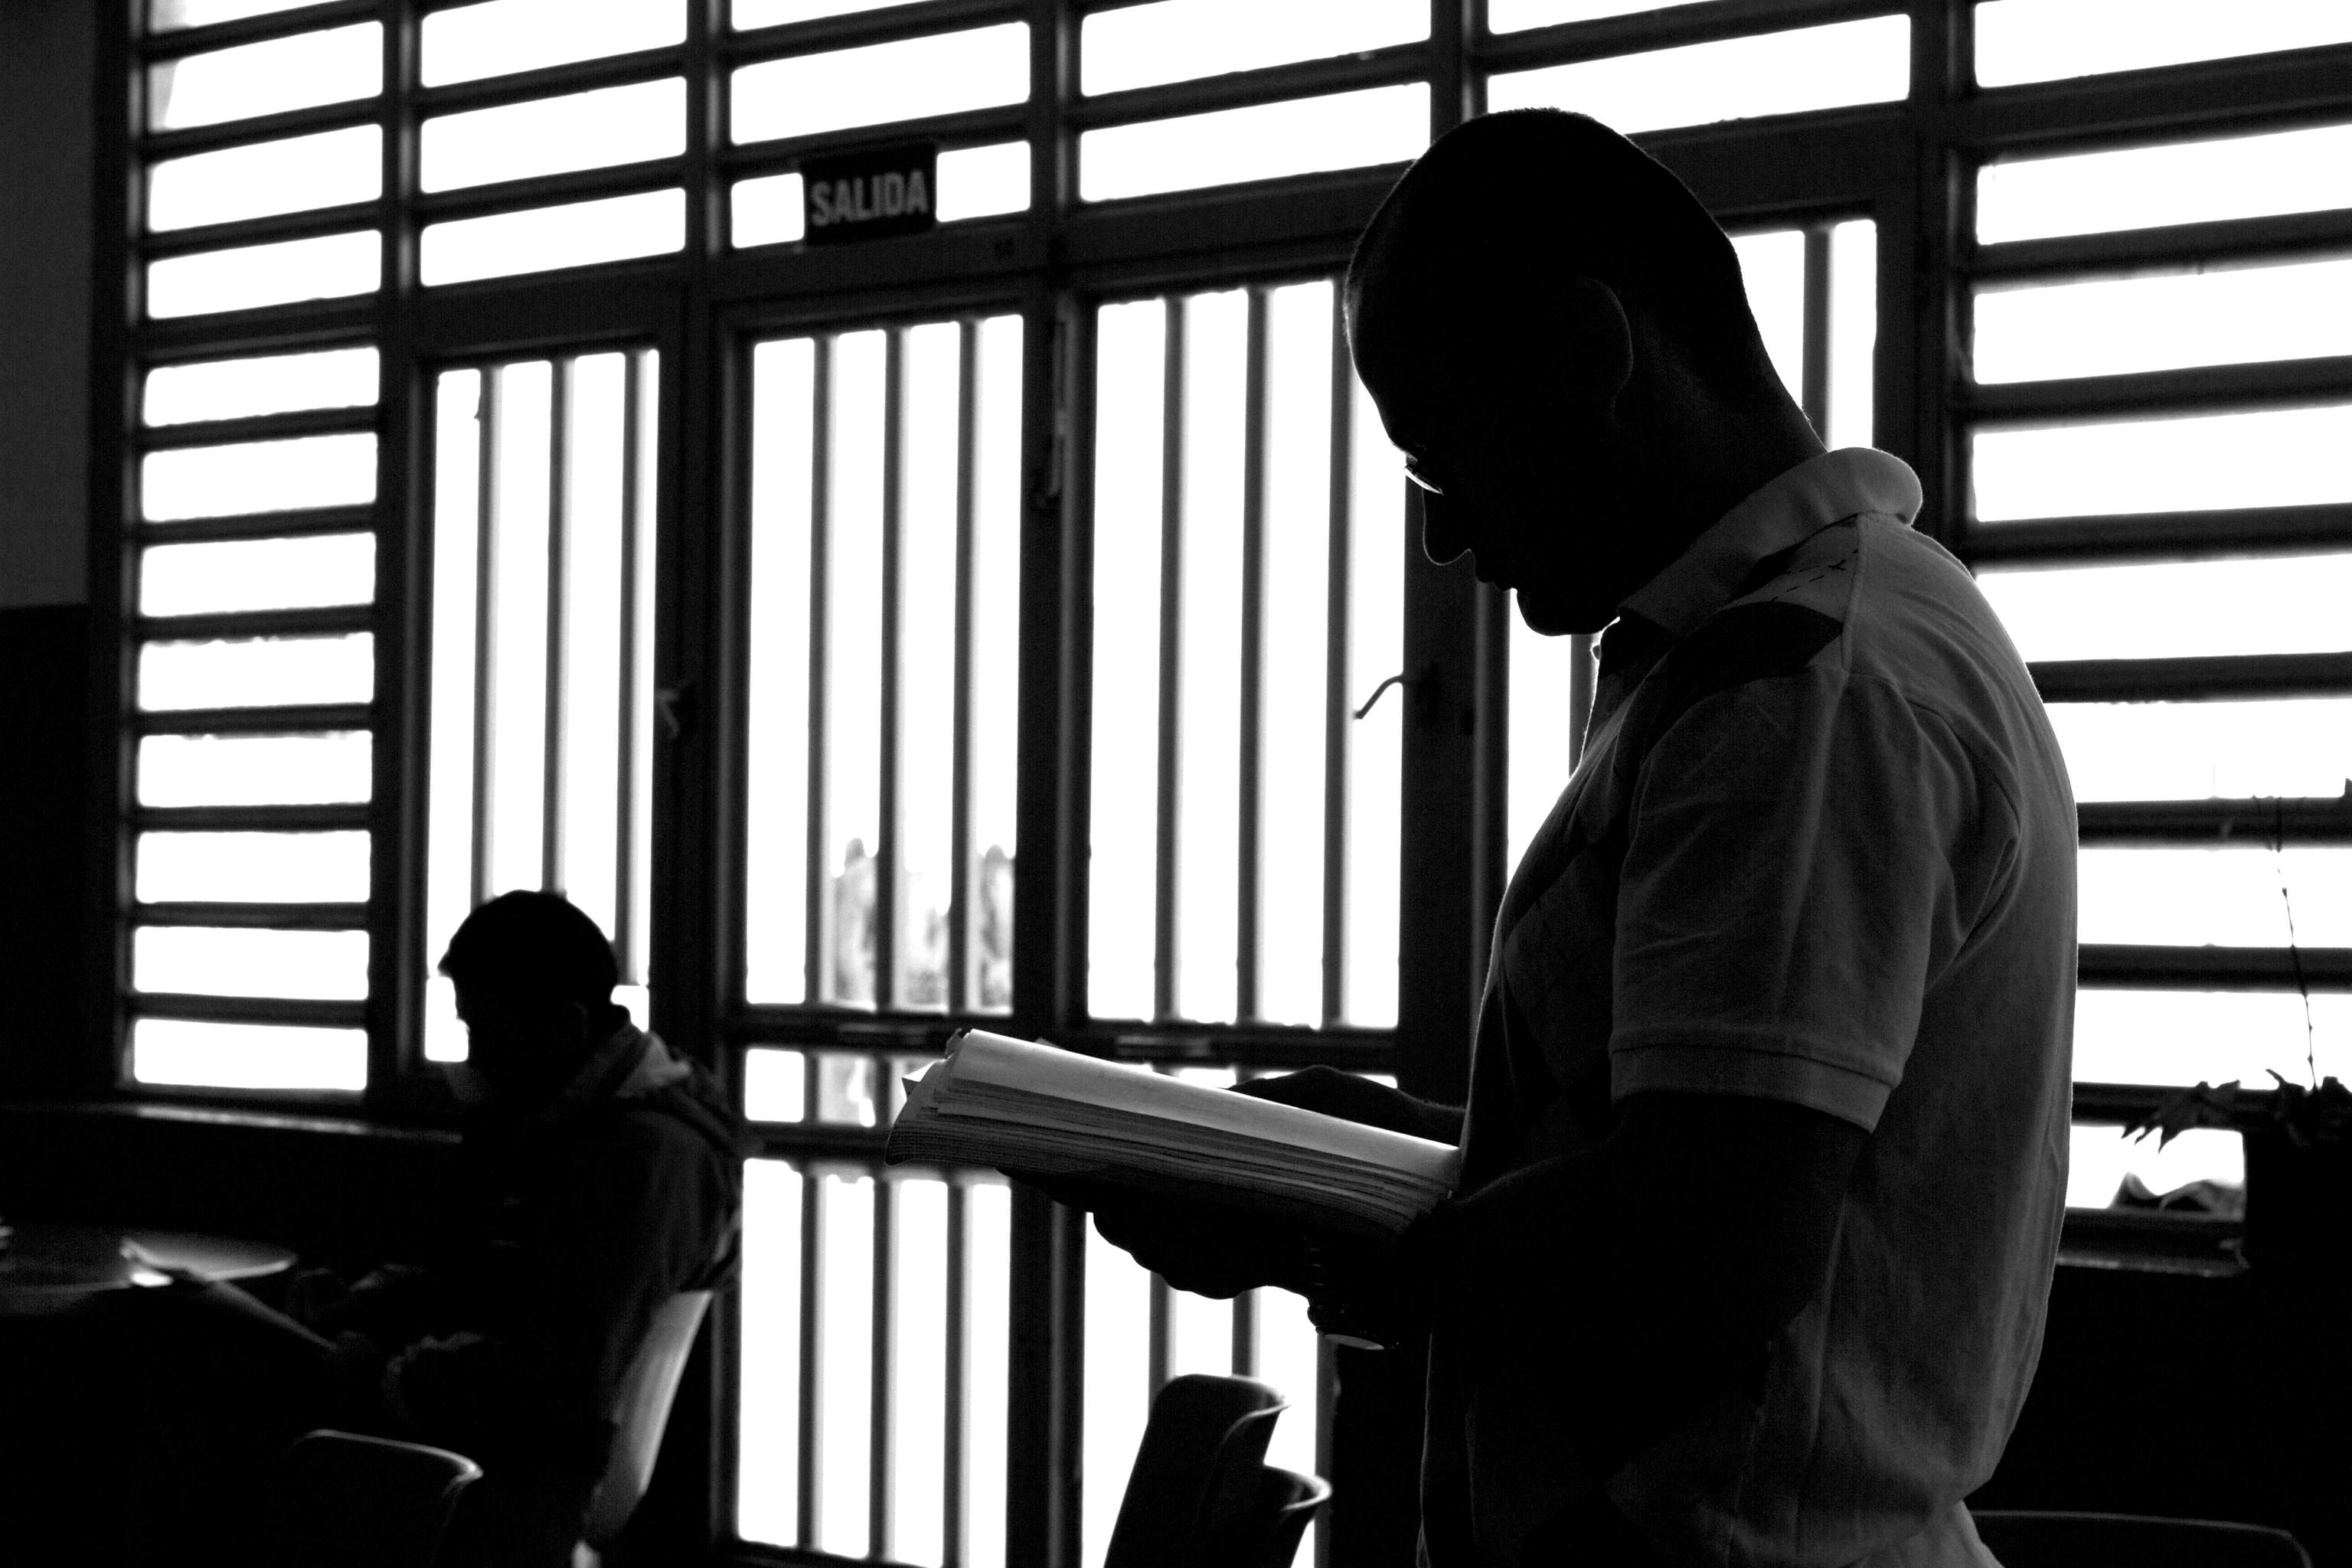 Imagen de archivo de reclusos estudiando en la cárcel de Soto del Real.